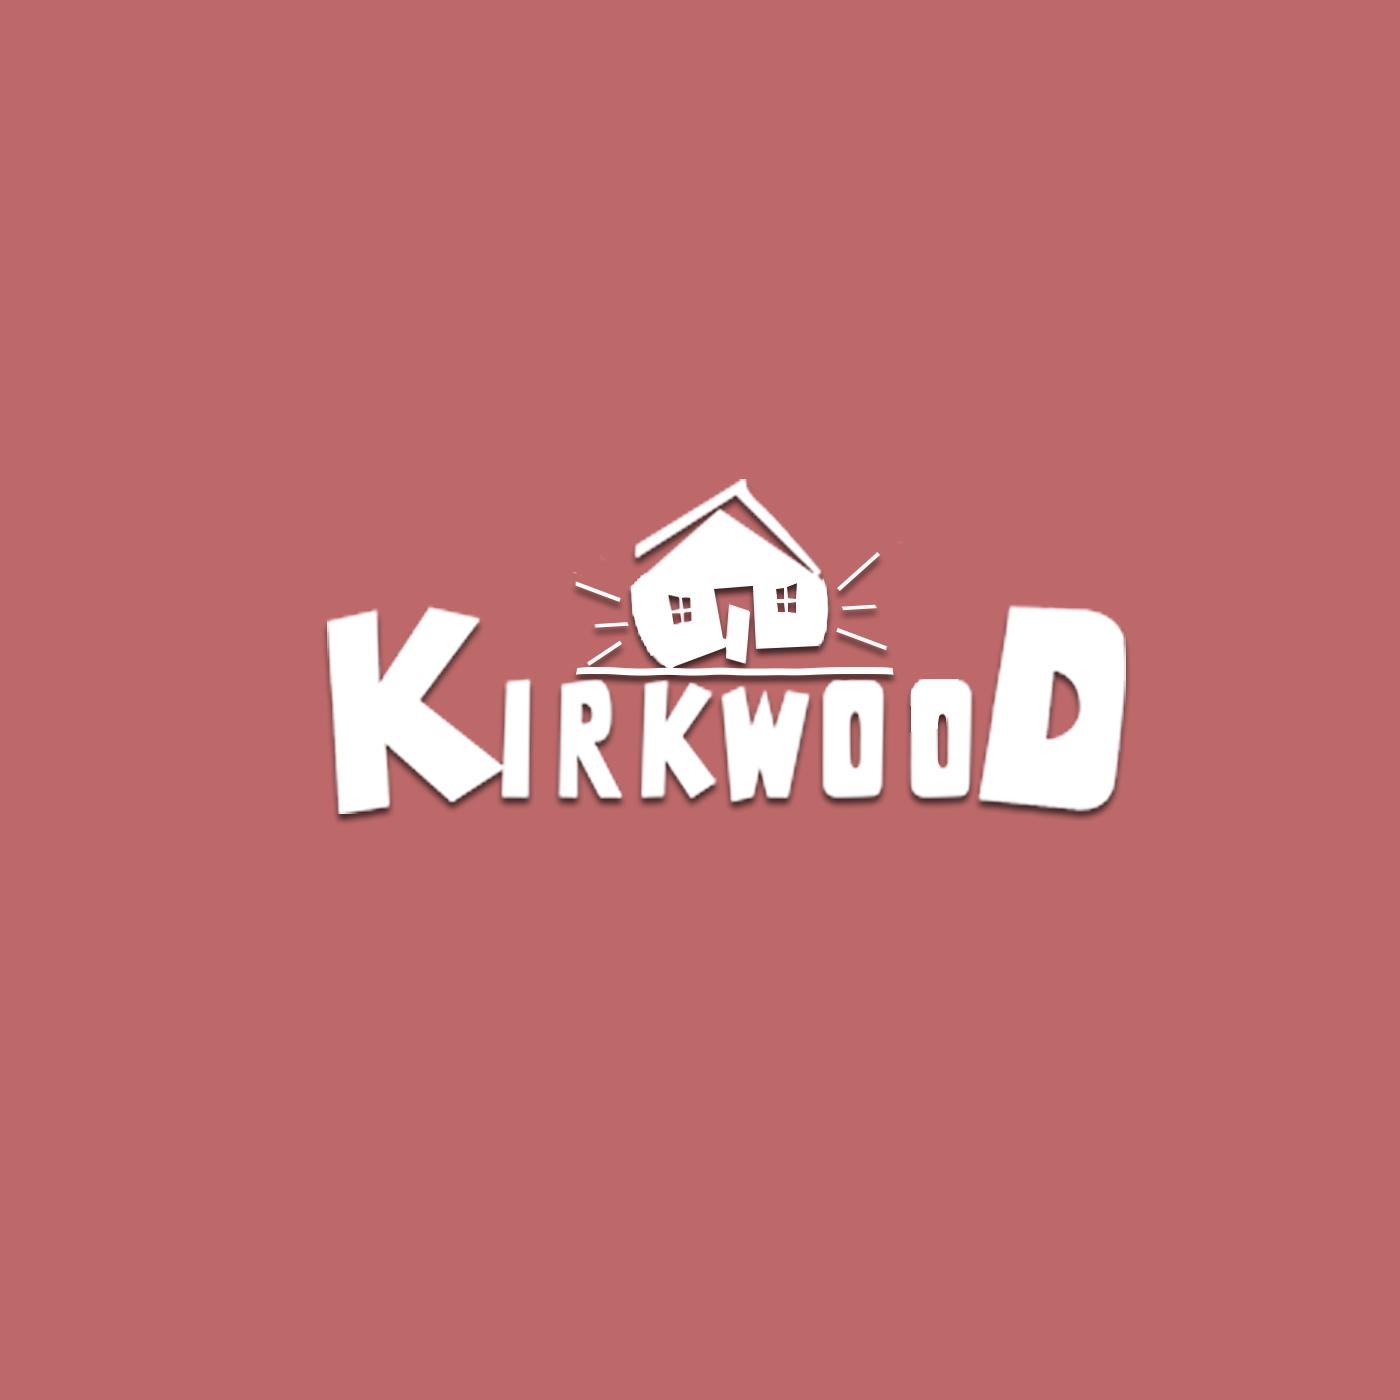 Kirkwood House Alt.